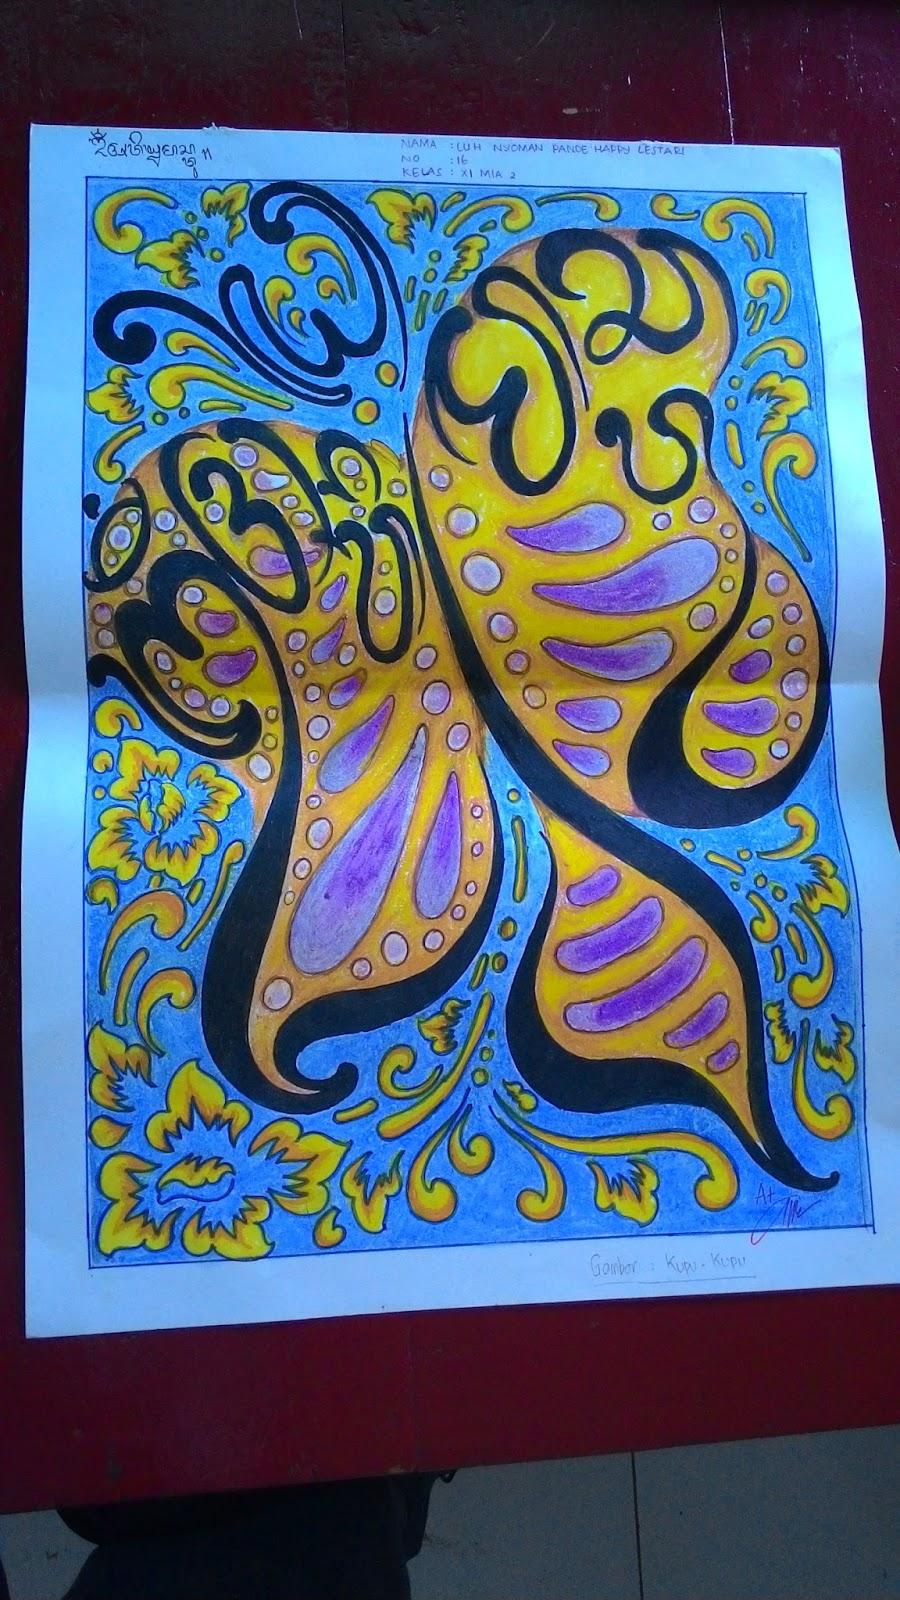 Kaligrafi Indah Aksara Daerah Koas Kaos Jawi